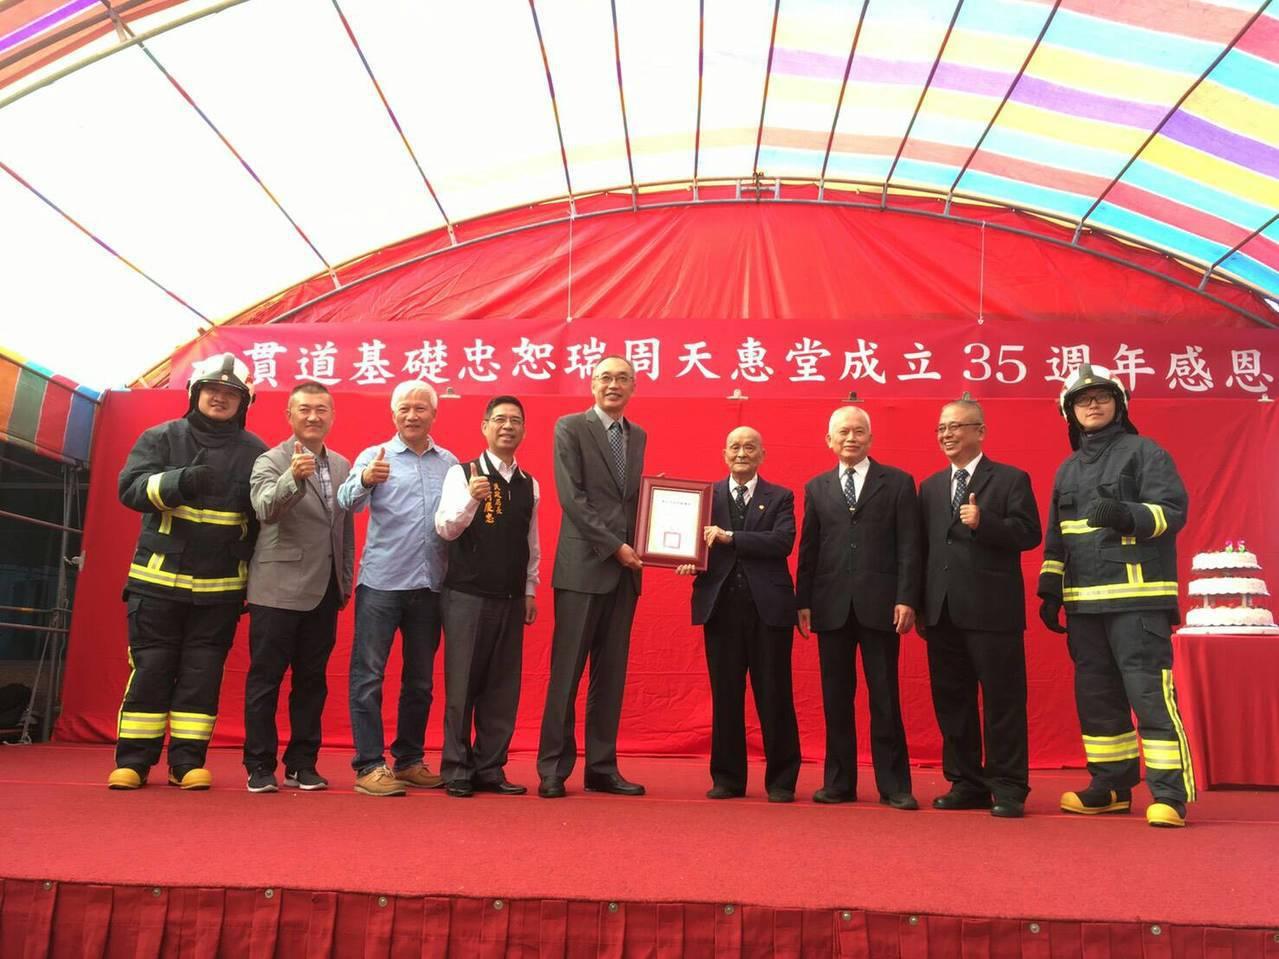 福山天惠堂今慶堂35周年,並捐贈消防裝備提升救災戰力。圖/新北市民政局提供